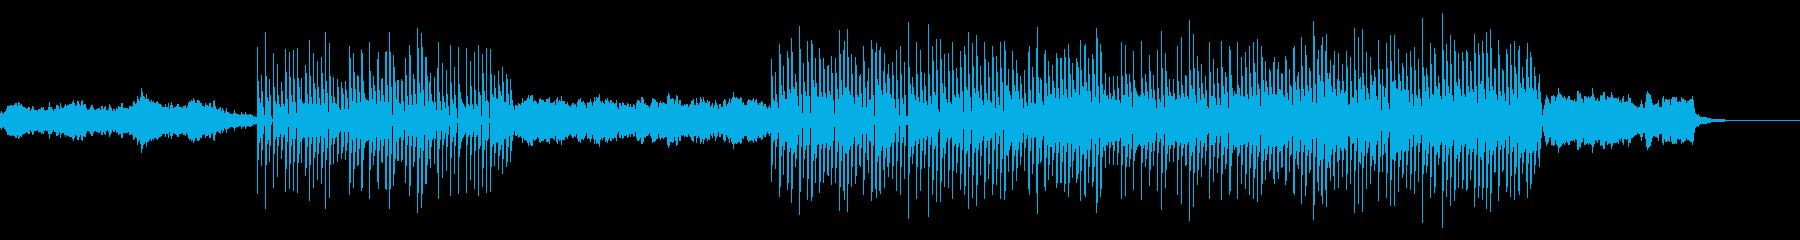 シンセのデモみたいな音楽の再生済みの波形